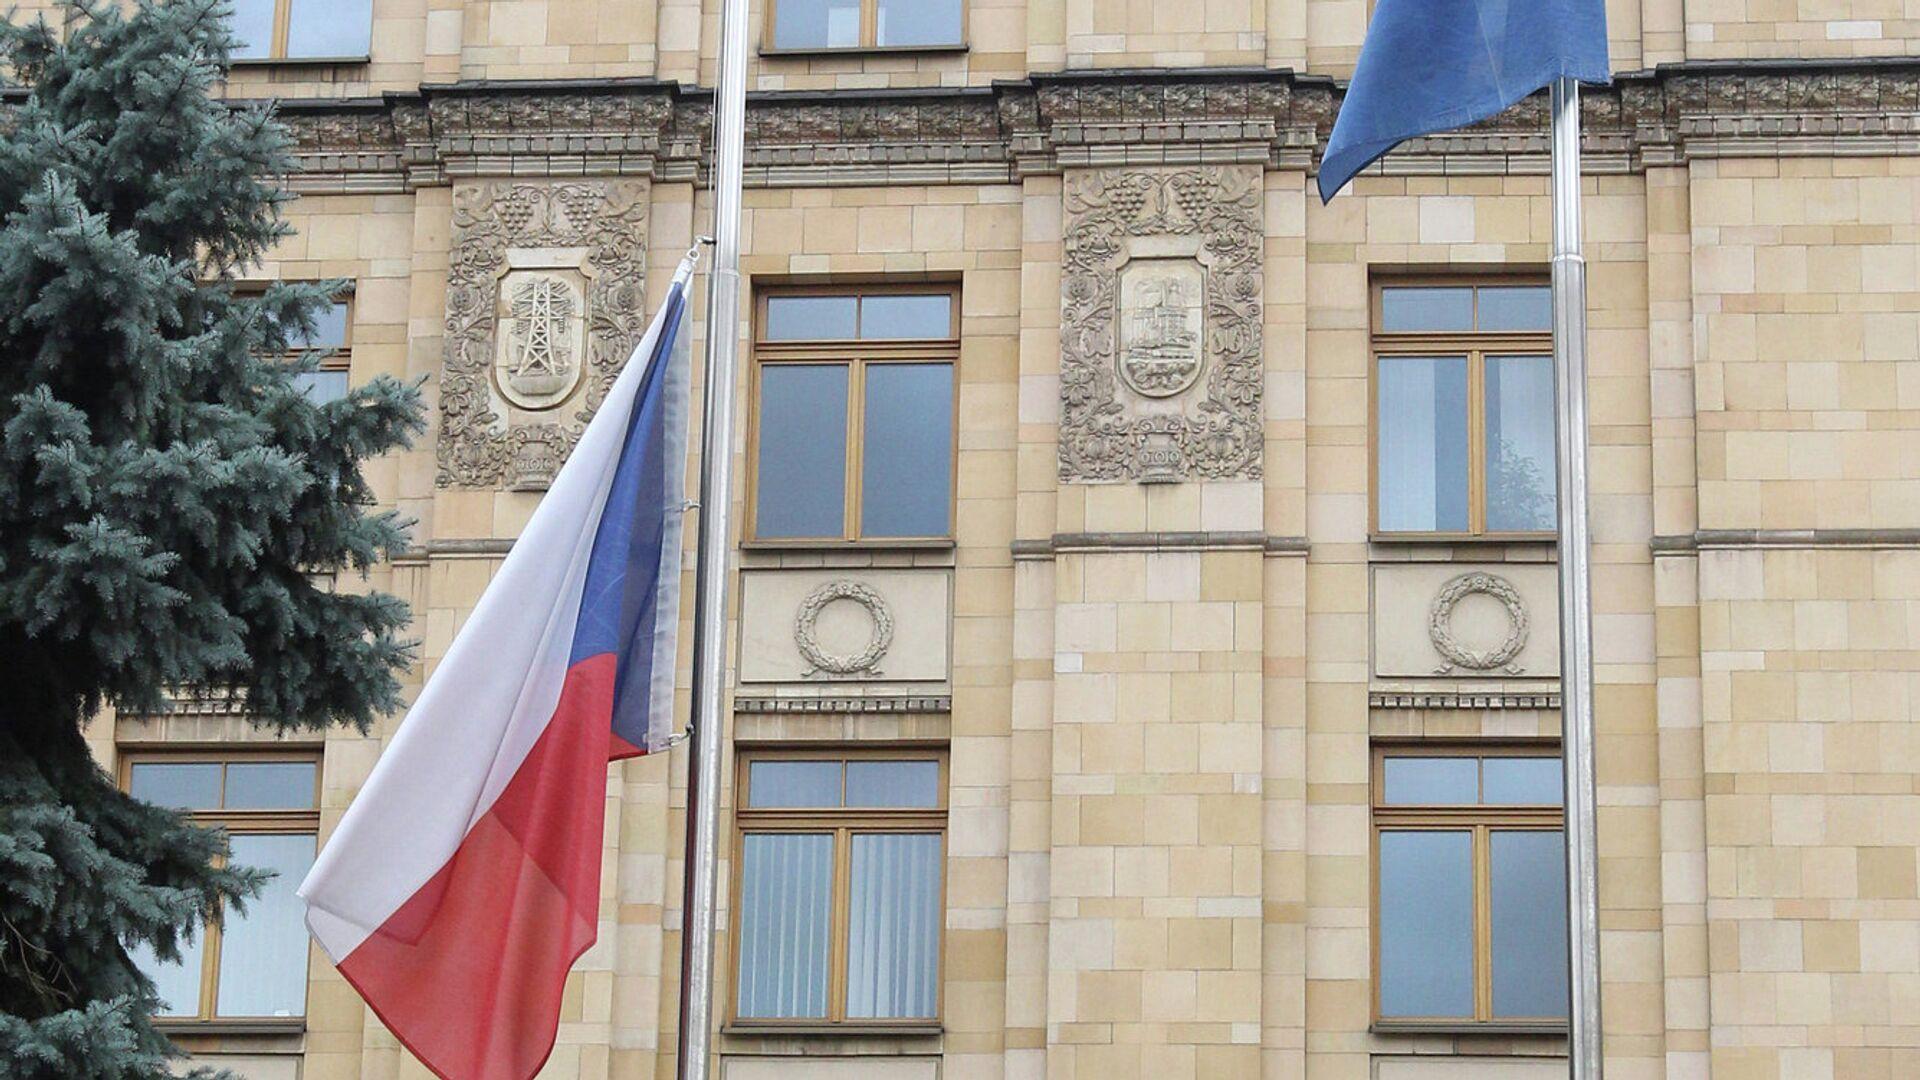 Флаг в посольстве Чехии в Москве, архивное фото - РИА Новости, 1920, 21.04.2021